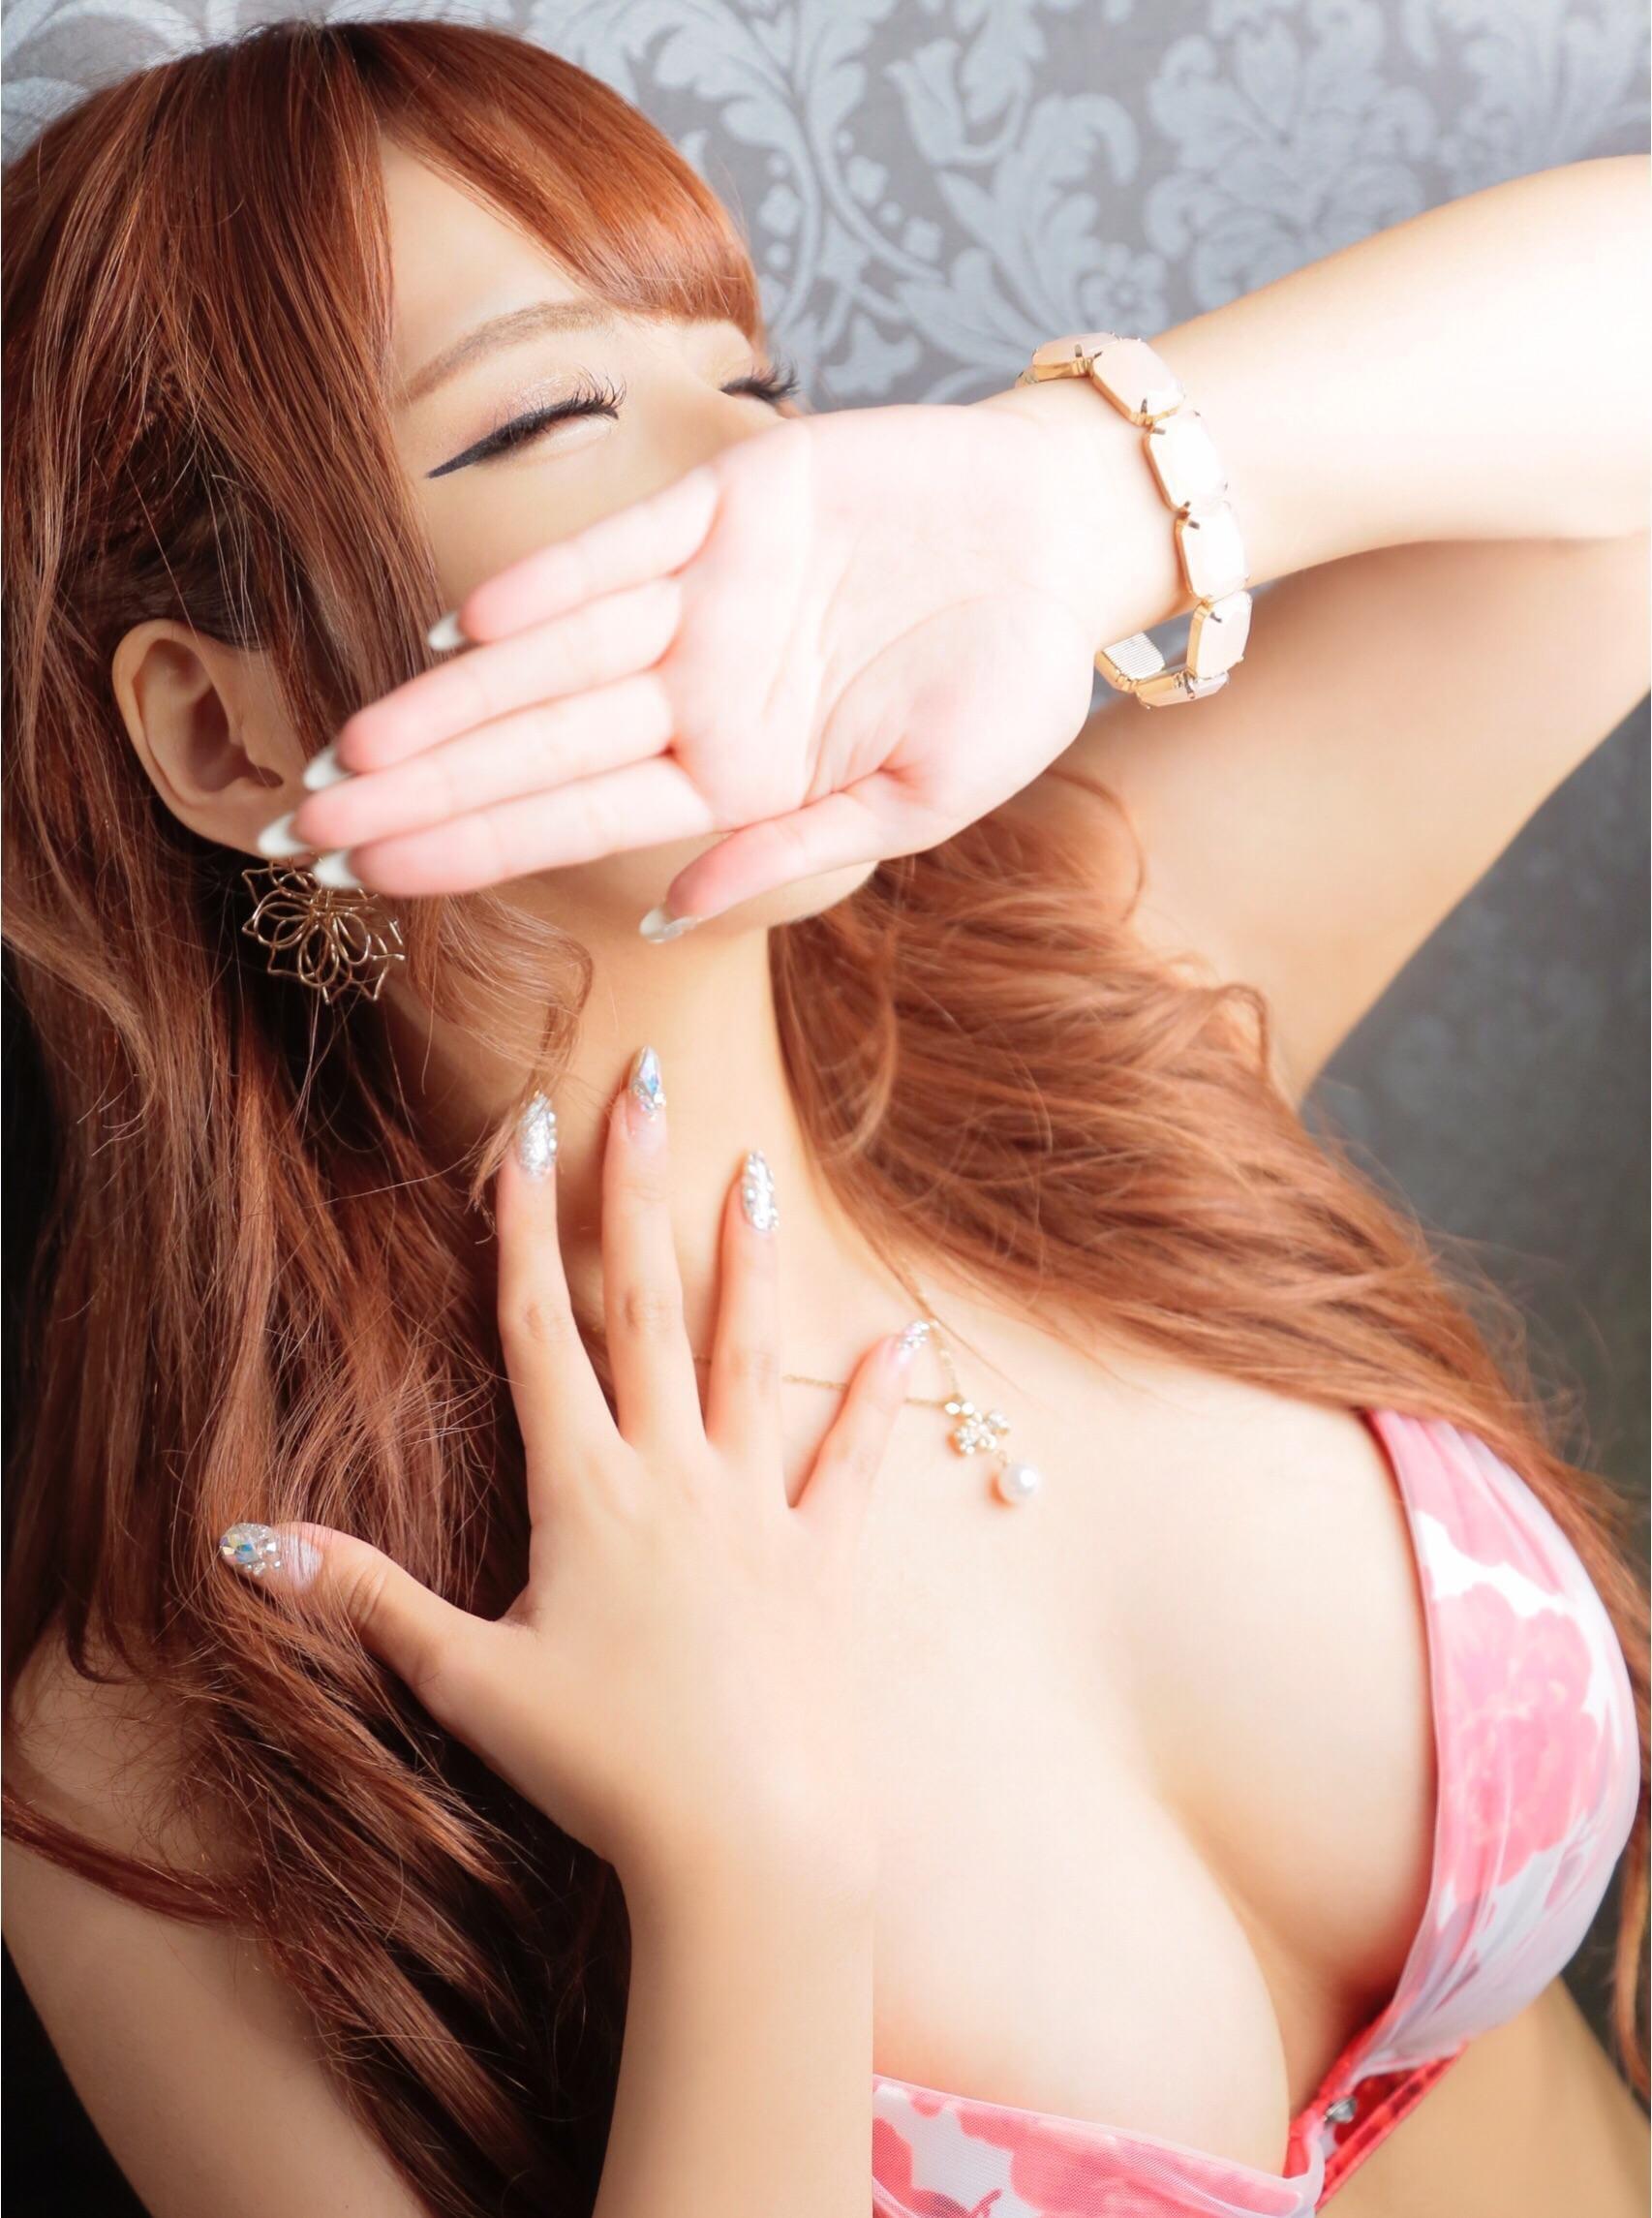 「お礼?」01/11(01/11) 01:55 | リン(りん)現役アパレル店員の写メ・風俗動画